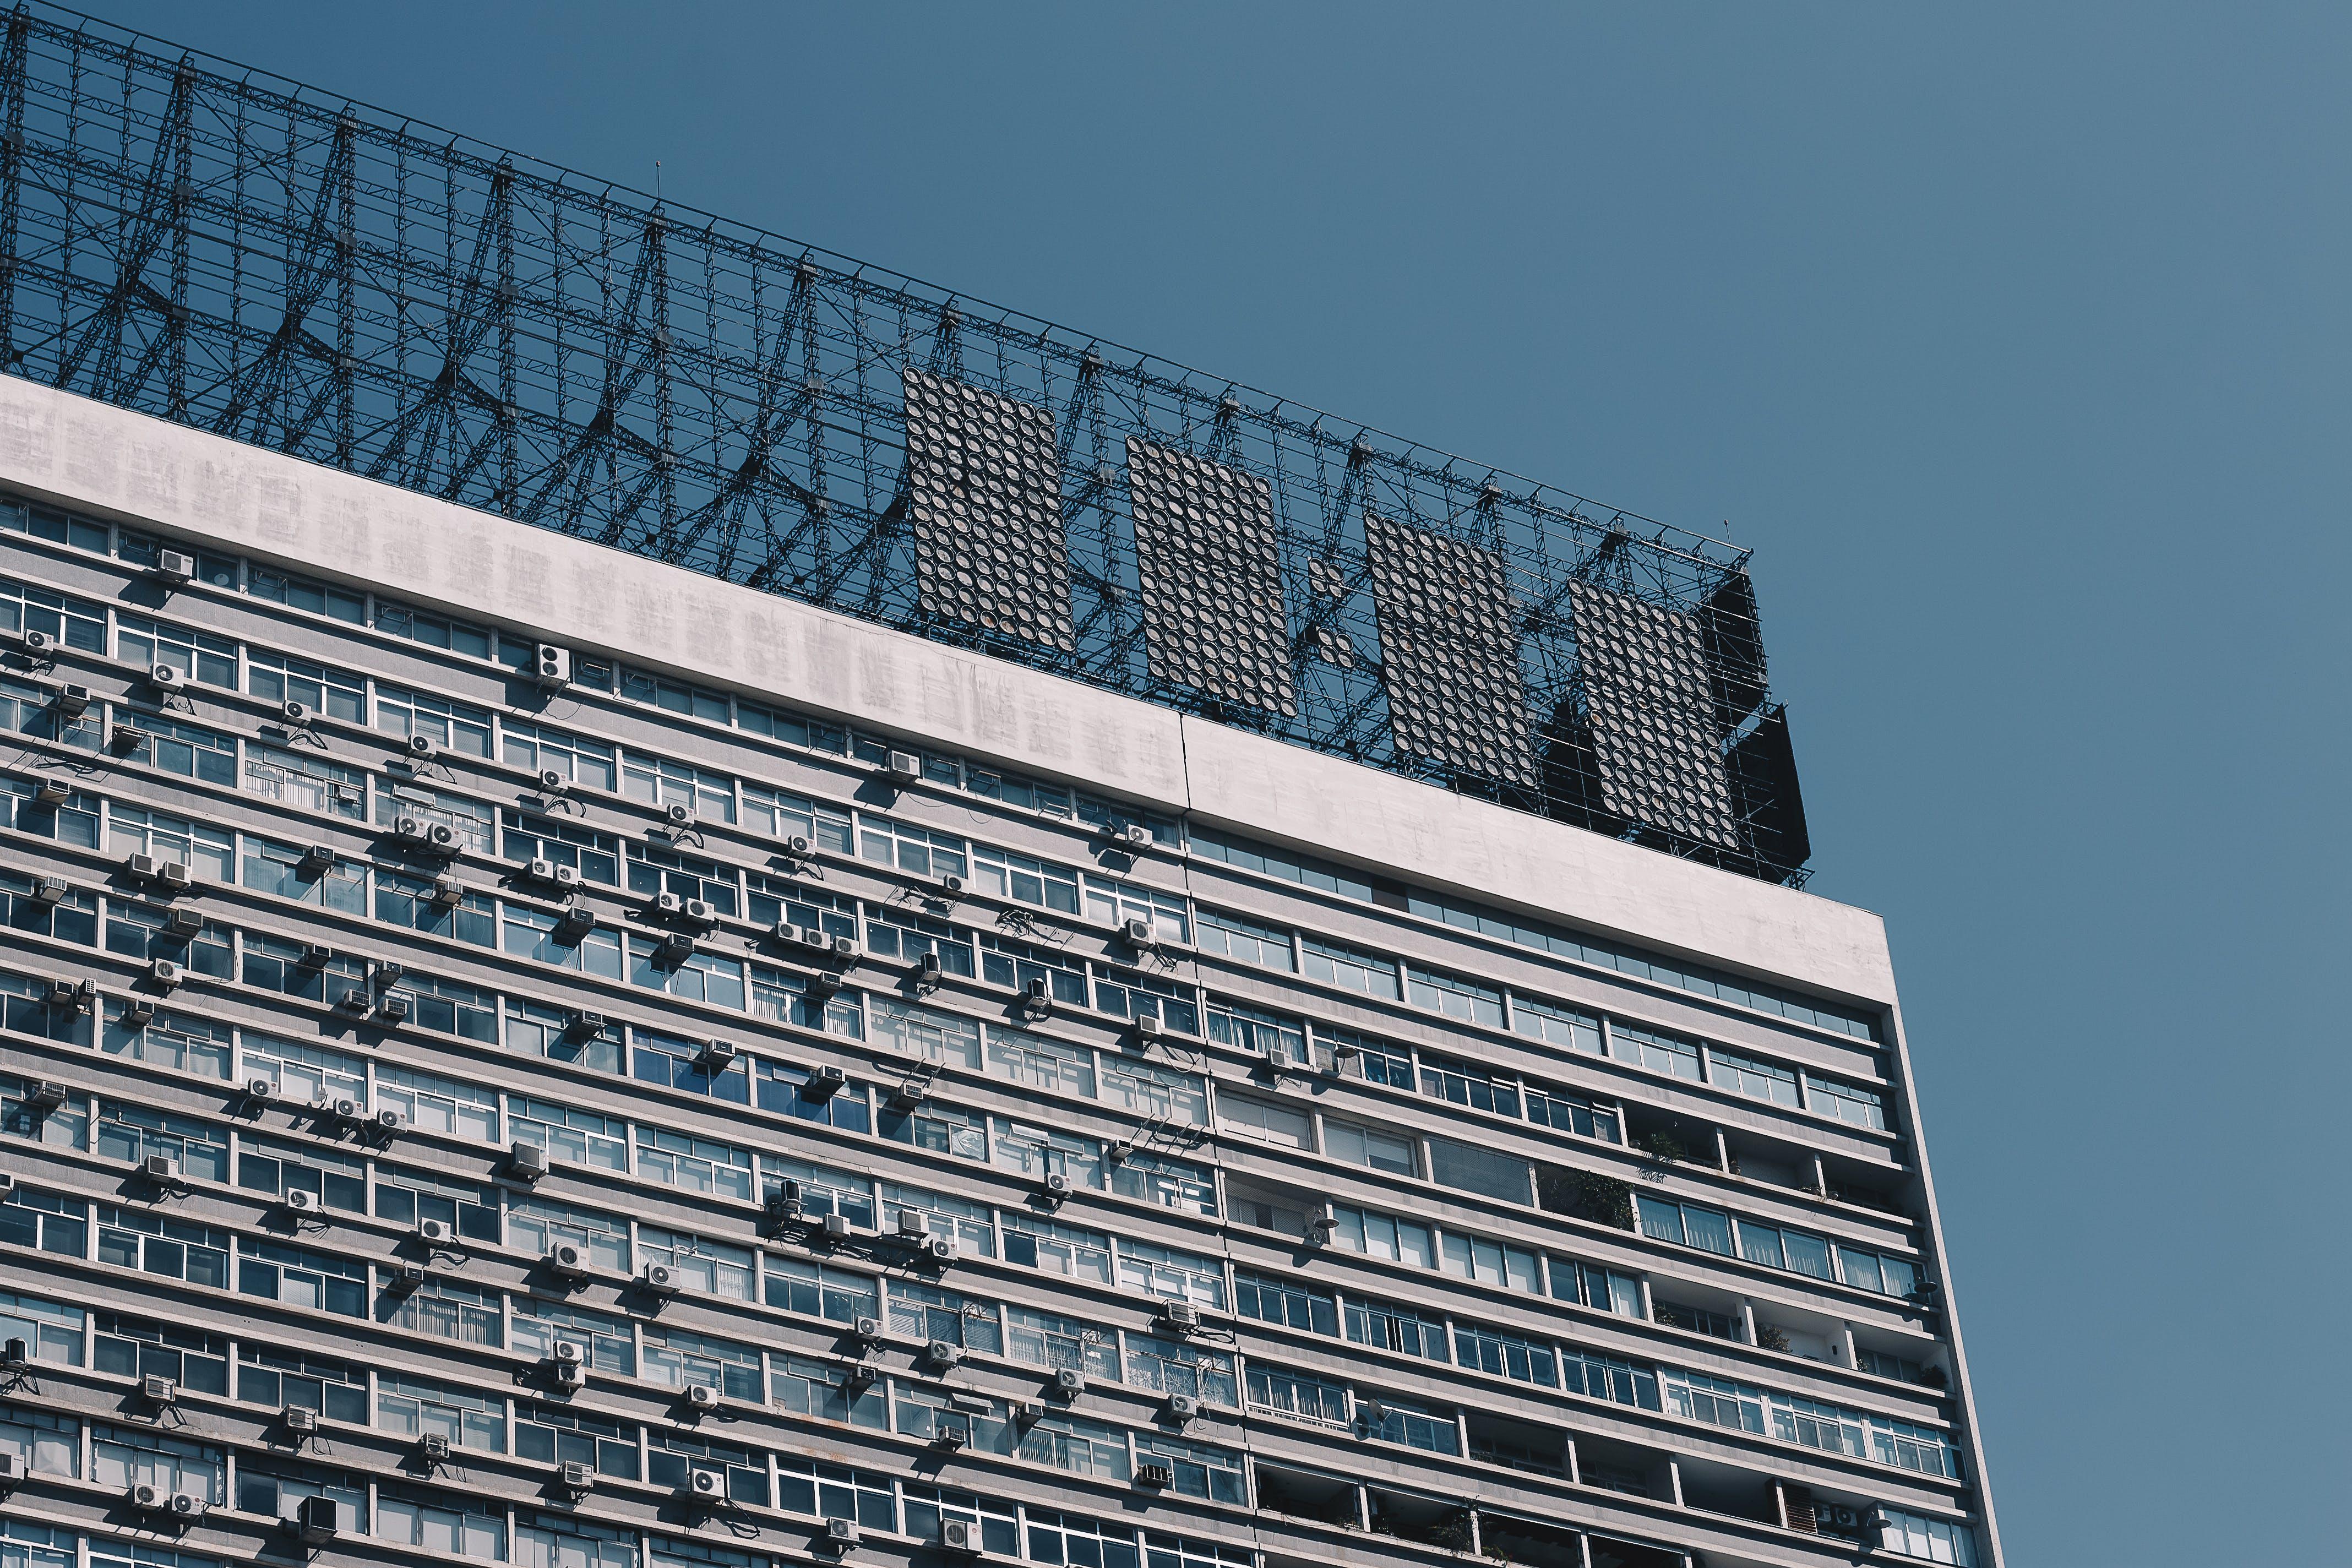 Foto d'estoc gratuïta de alt, arquitectura, articles de vidre, blau